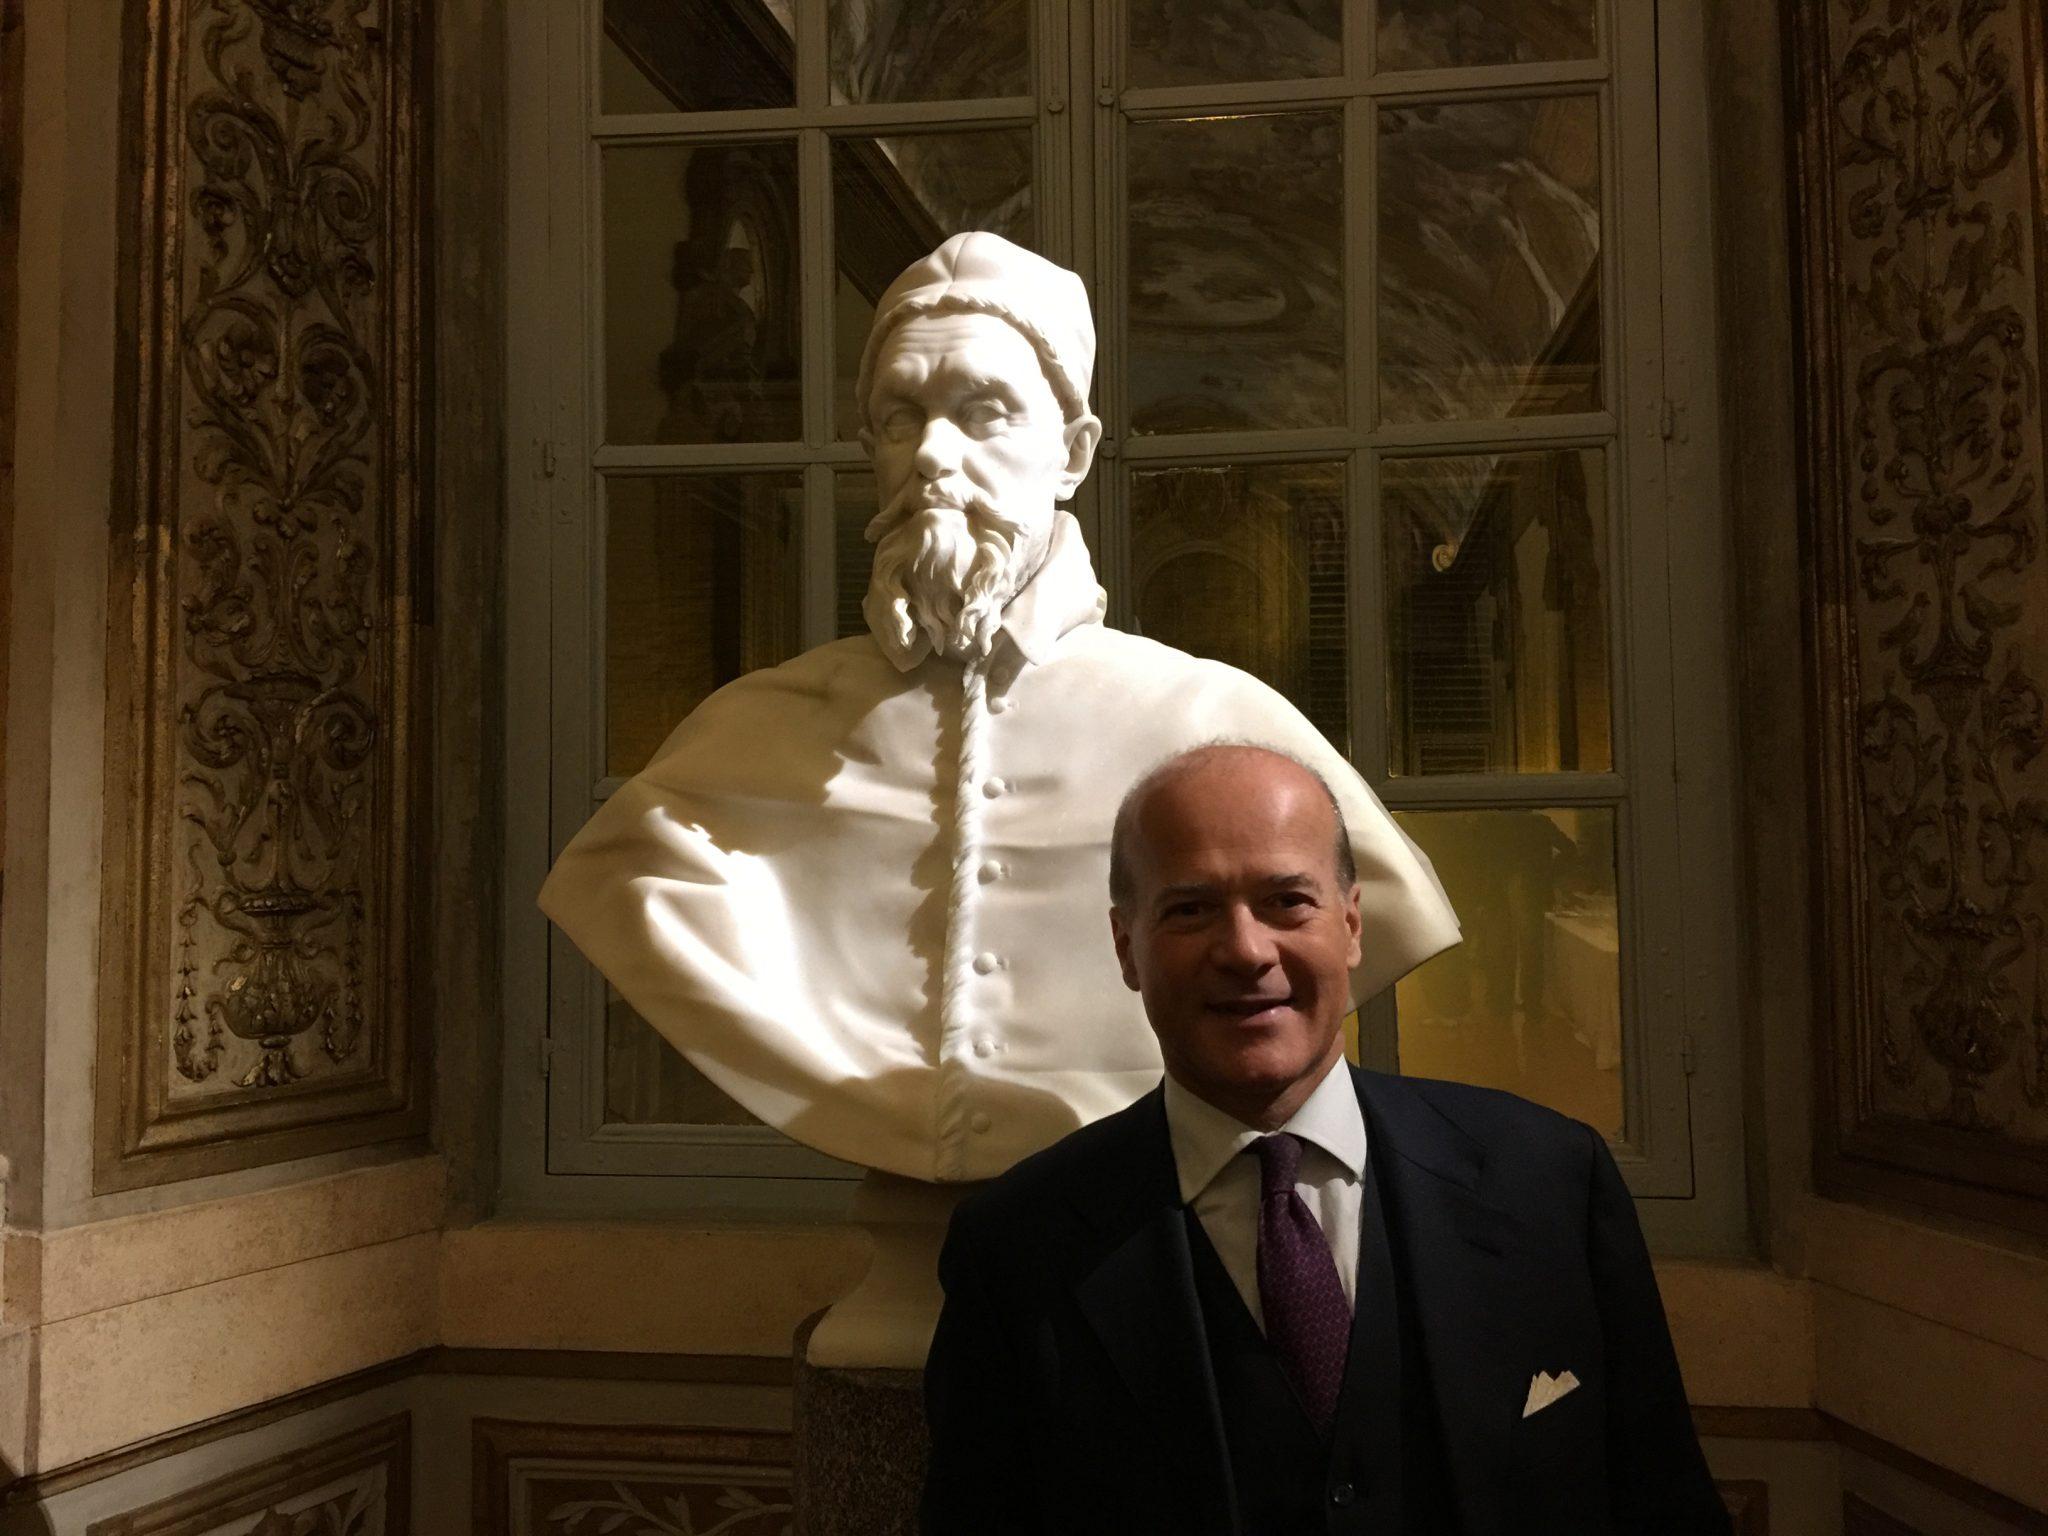 Intervista a Fabiano Forti Bernini, ultimo discendente diretto dell'artista Gian Lorenzo Bernini